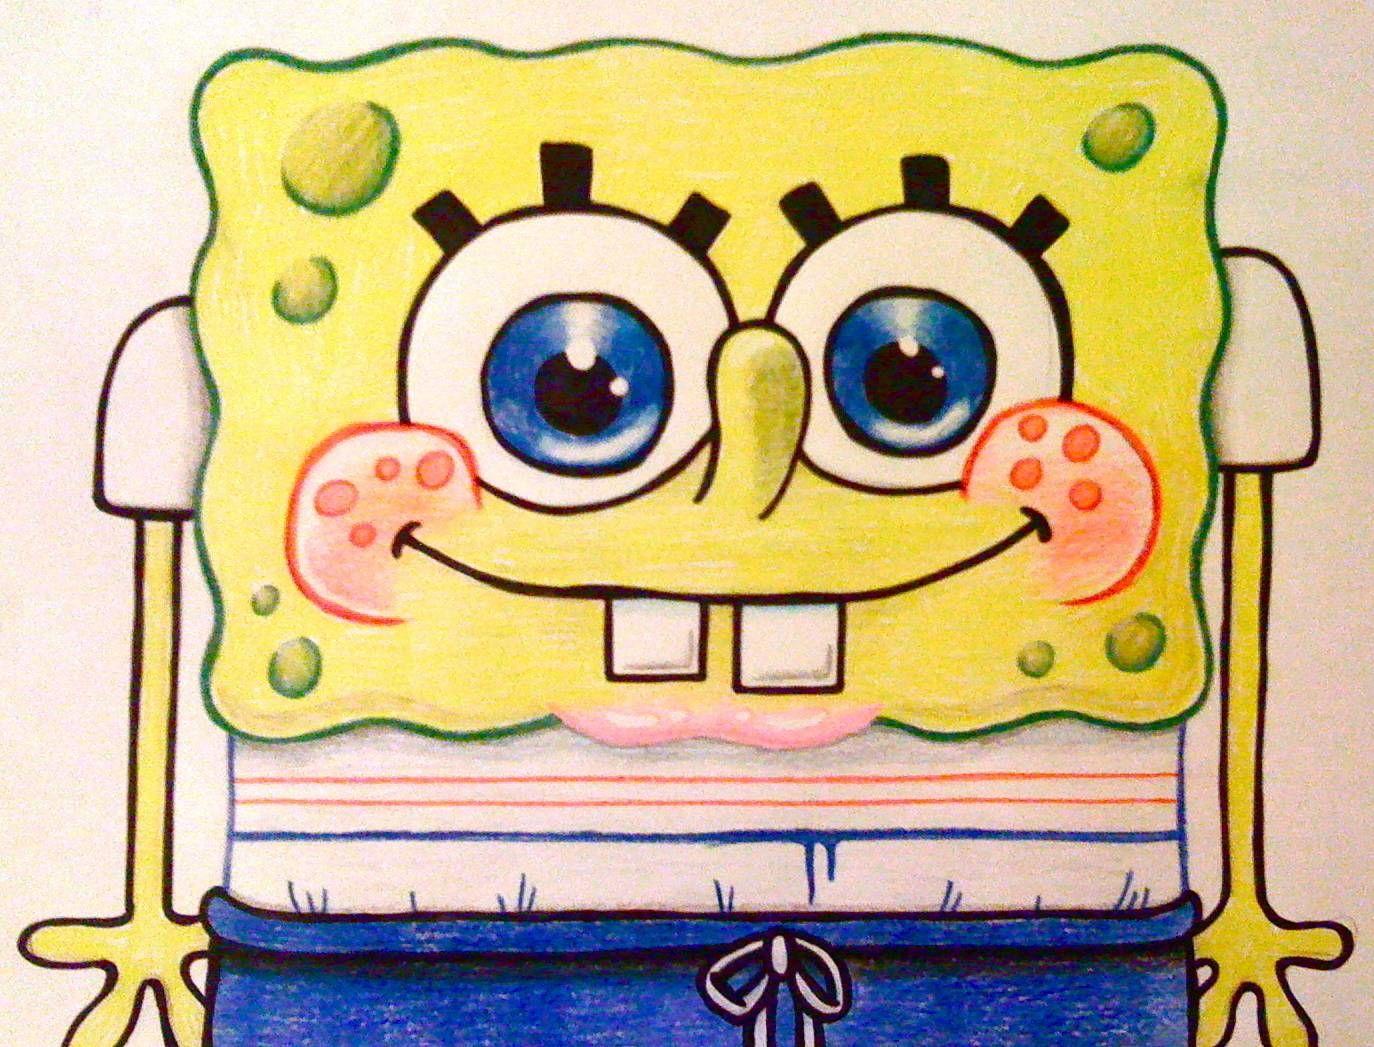 Pin By Sky Martinez On Spongebob In 2019 Spongebob Drawings